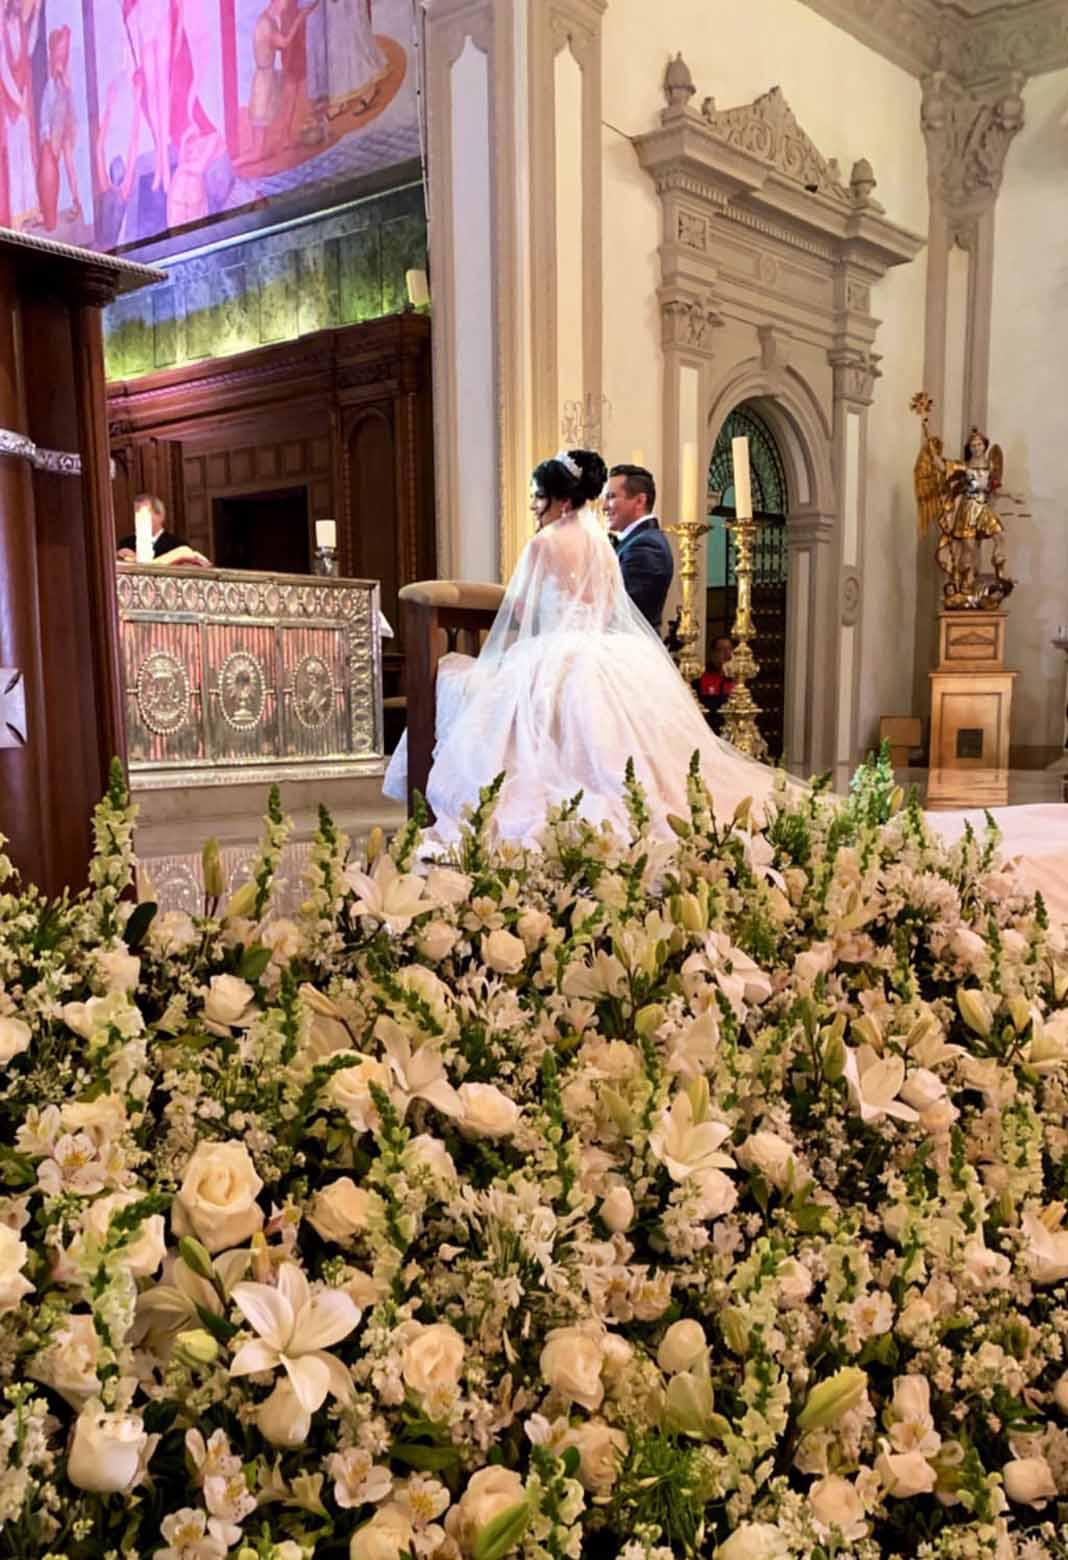 Decenas De Arreglos Florales Adornaron El Altar De La